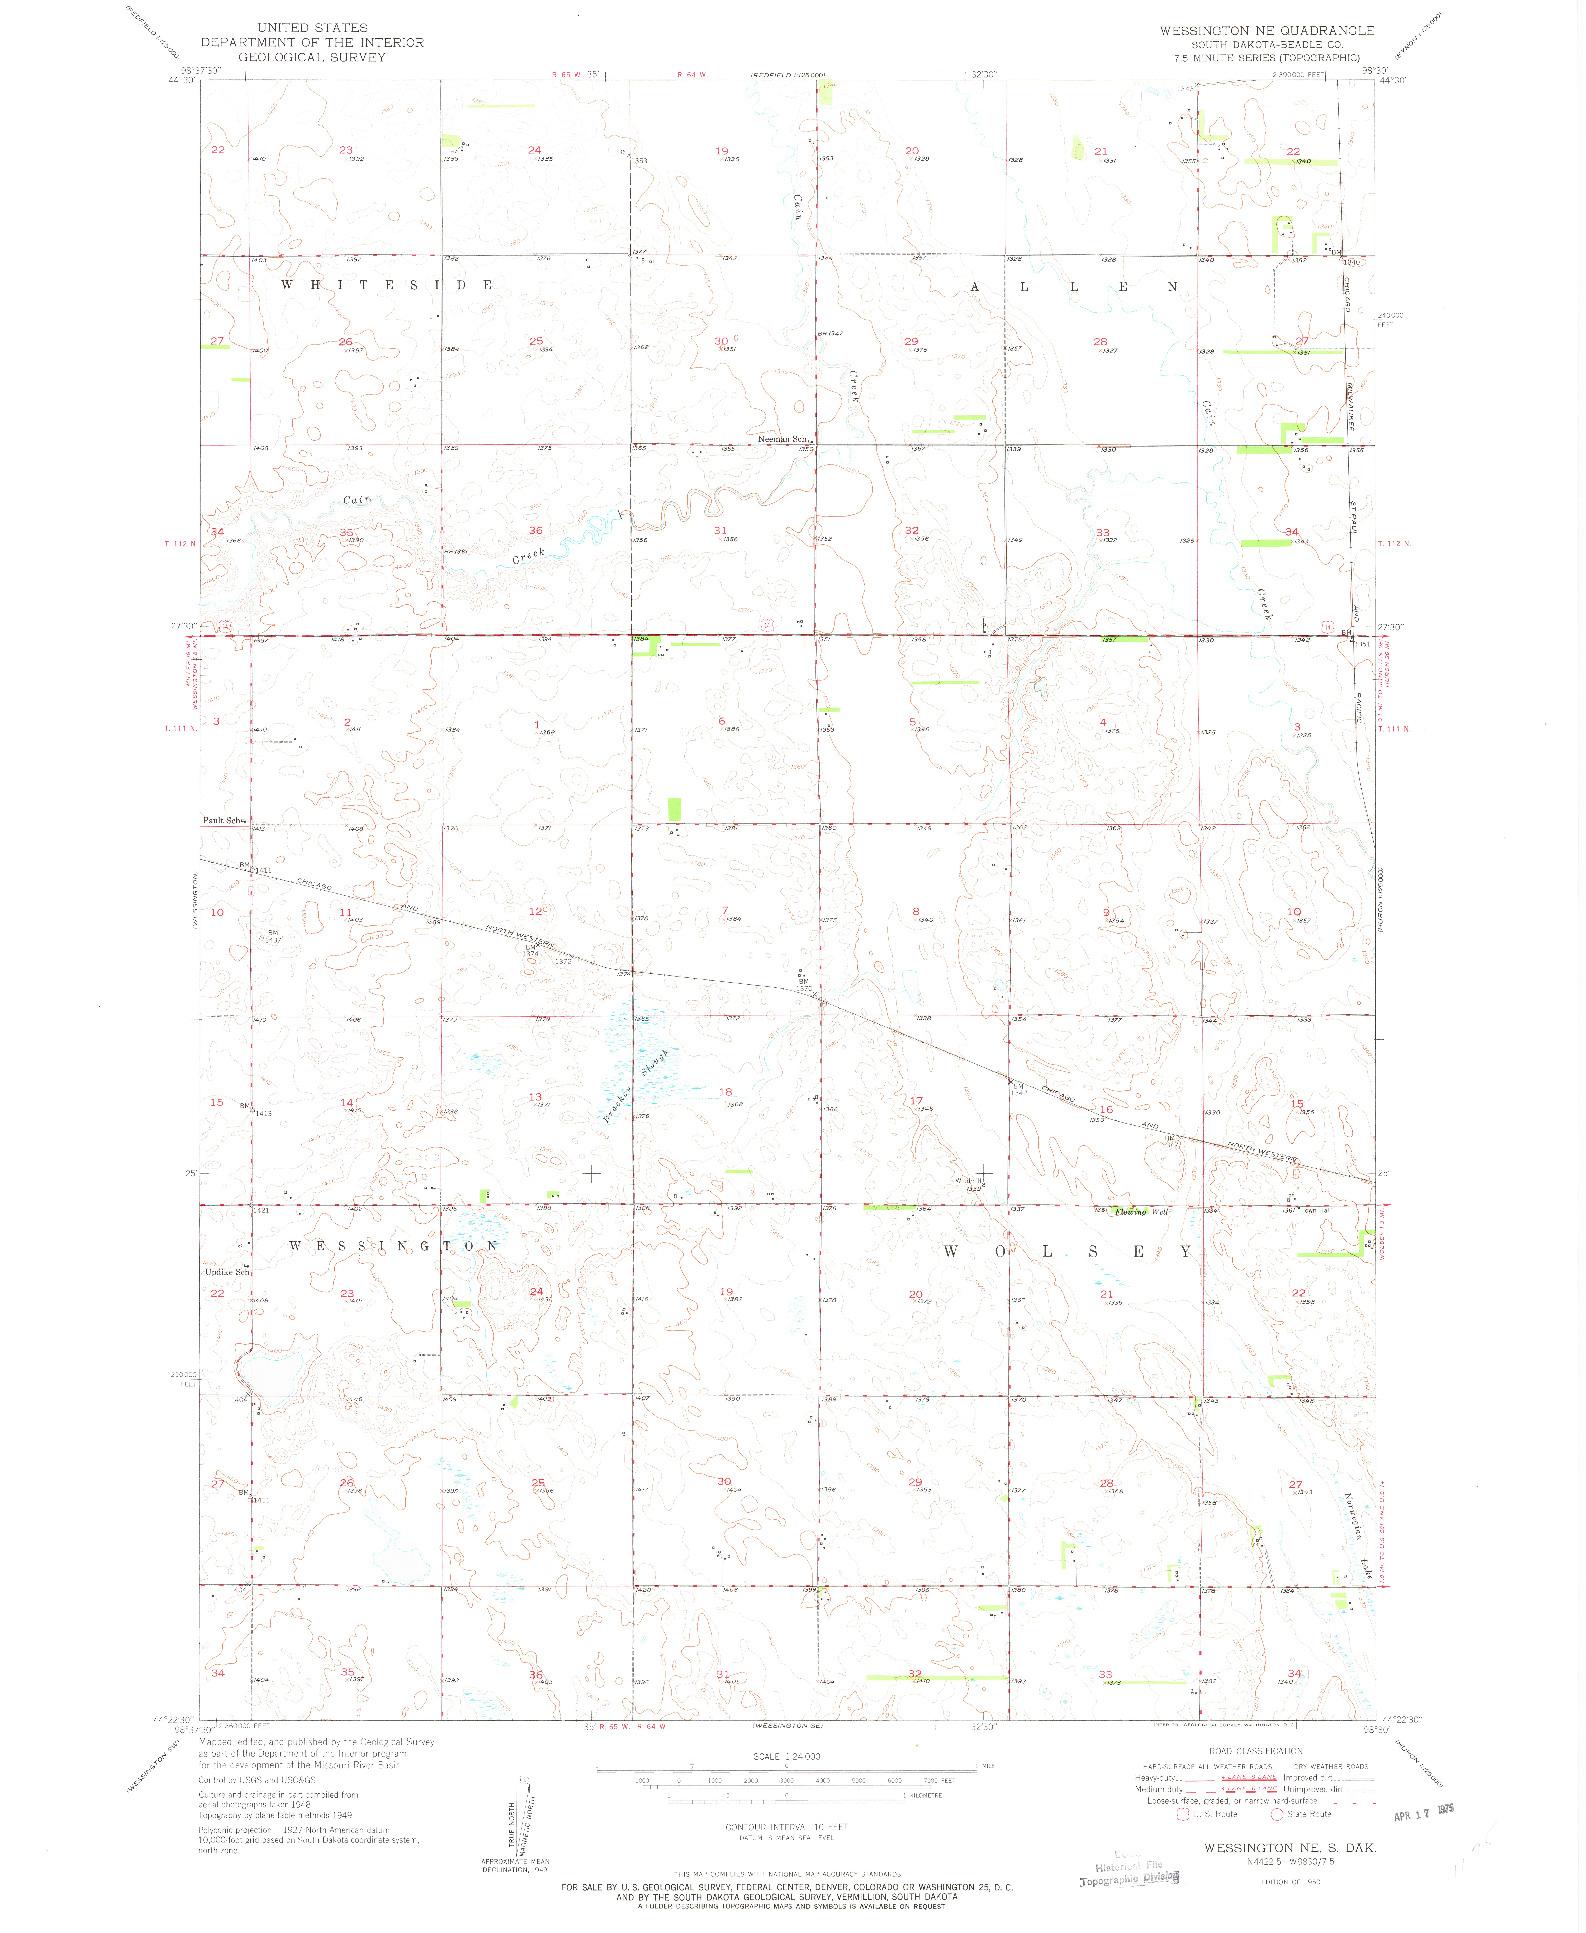 USGS 1:24000-SCALE QUADRANGLE FOR WESSINGTON NE, SD 1950